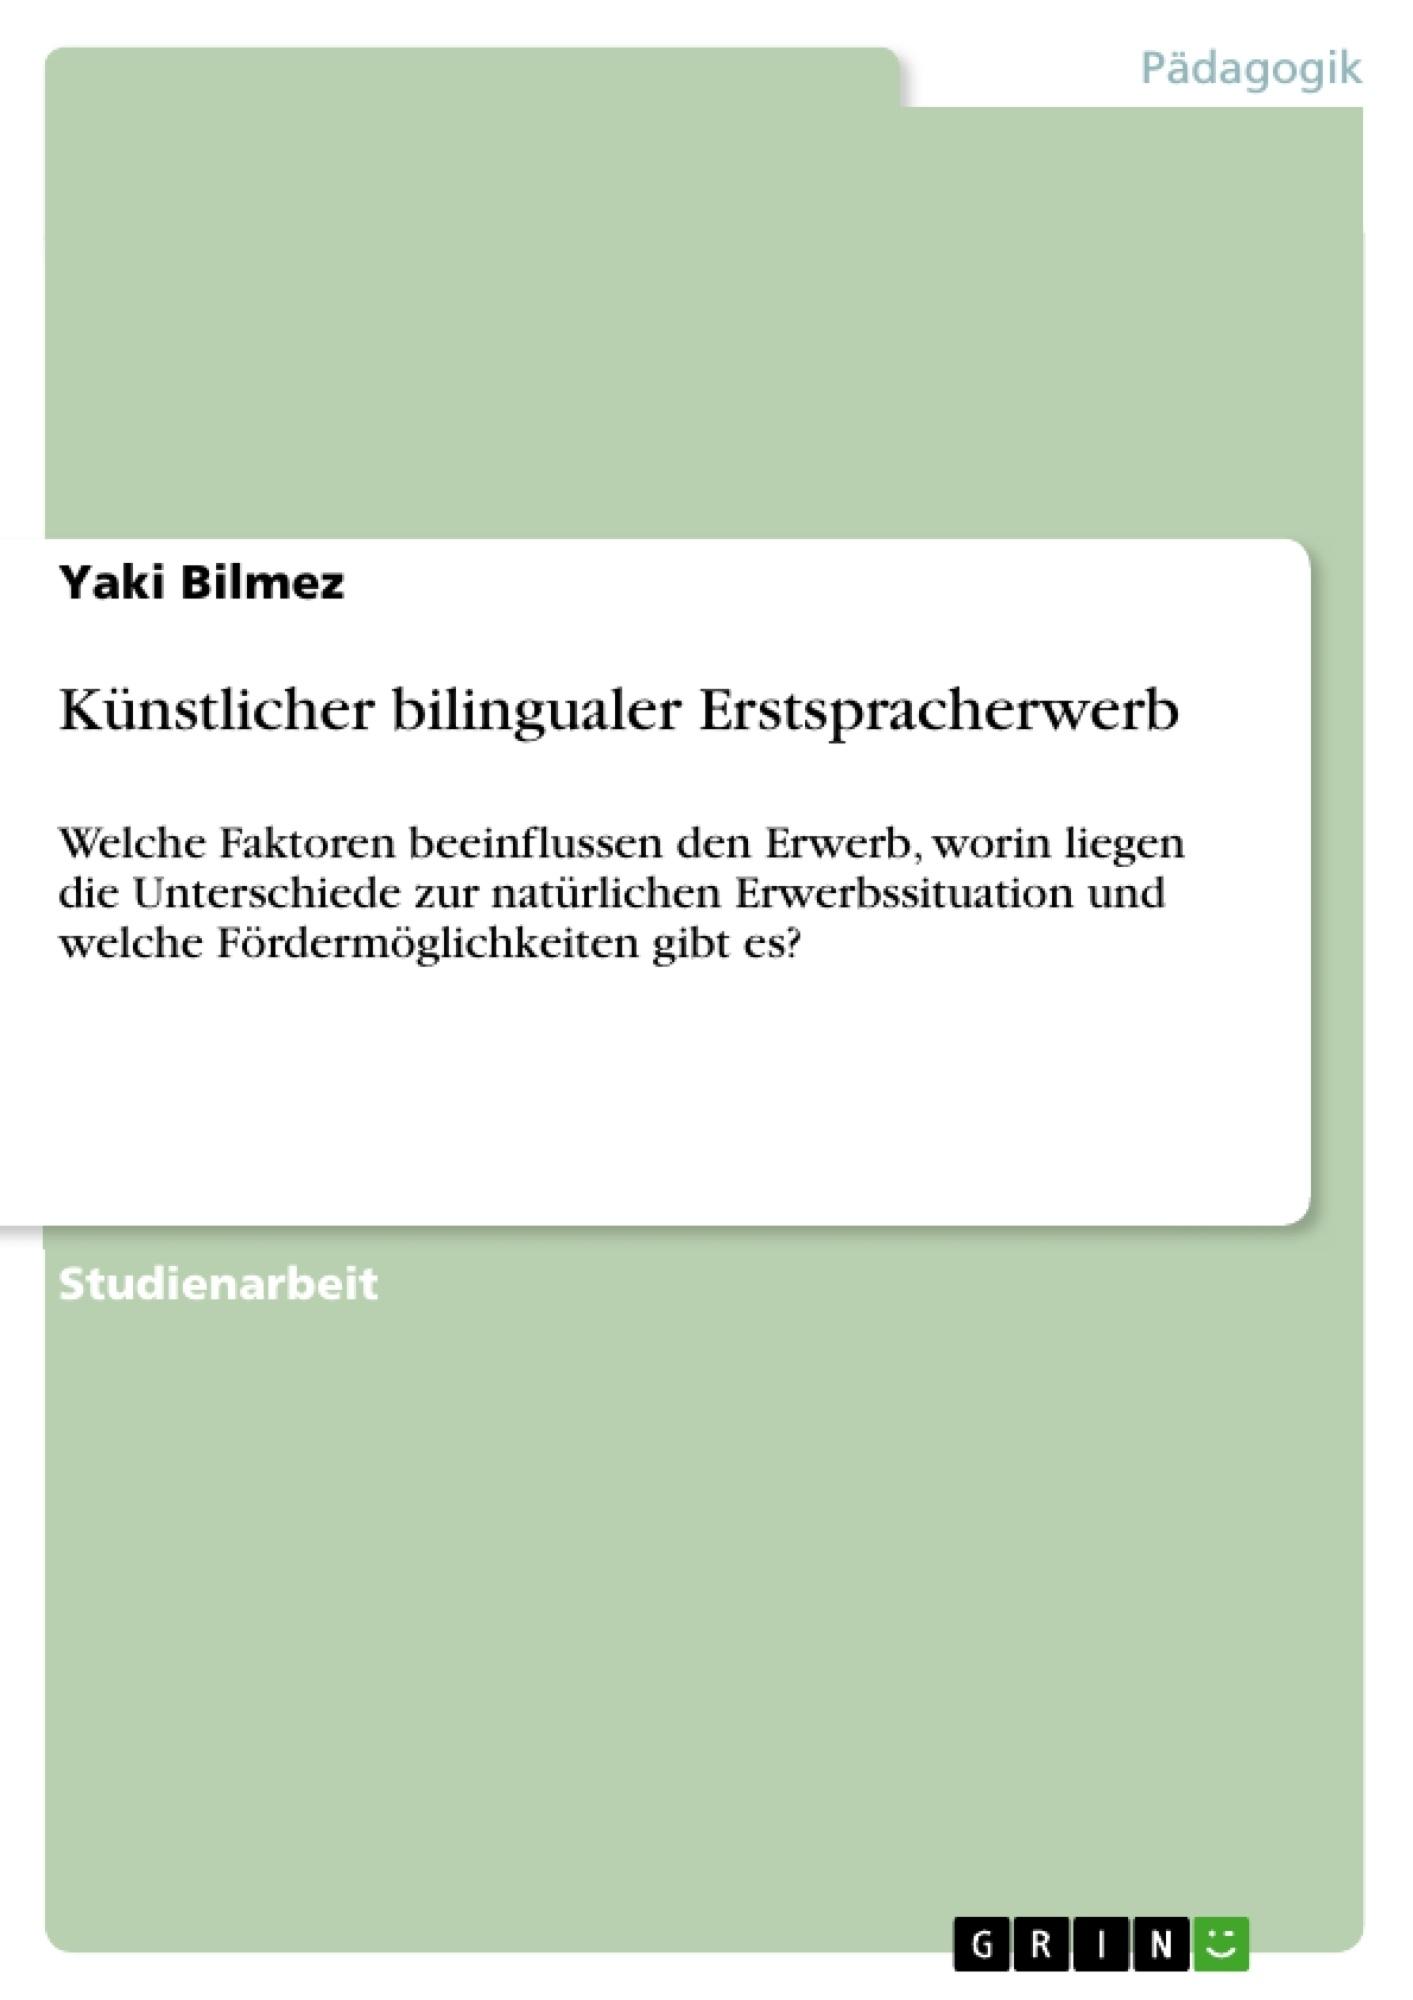 Titel: Künstlicher bilingualer Erstspracherwerb